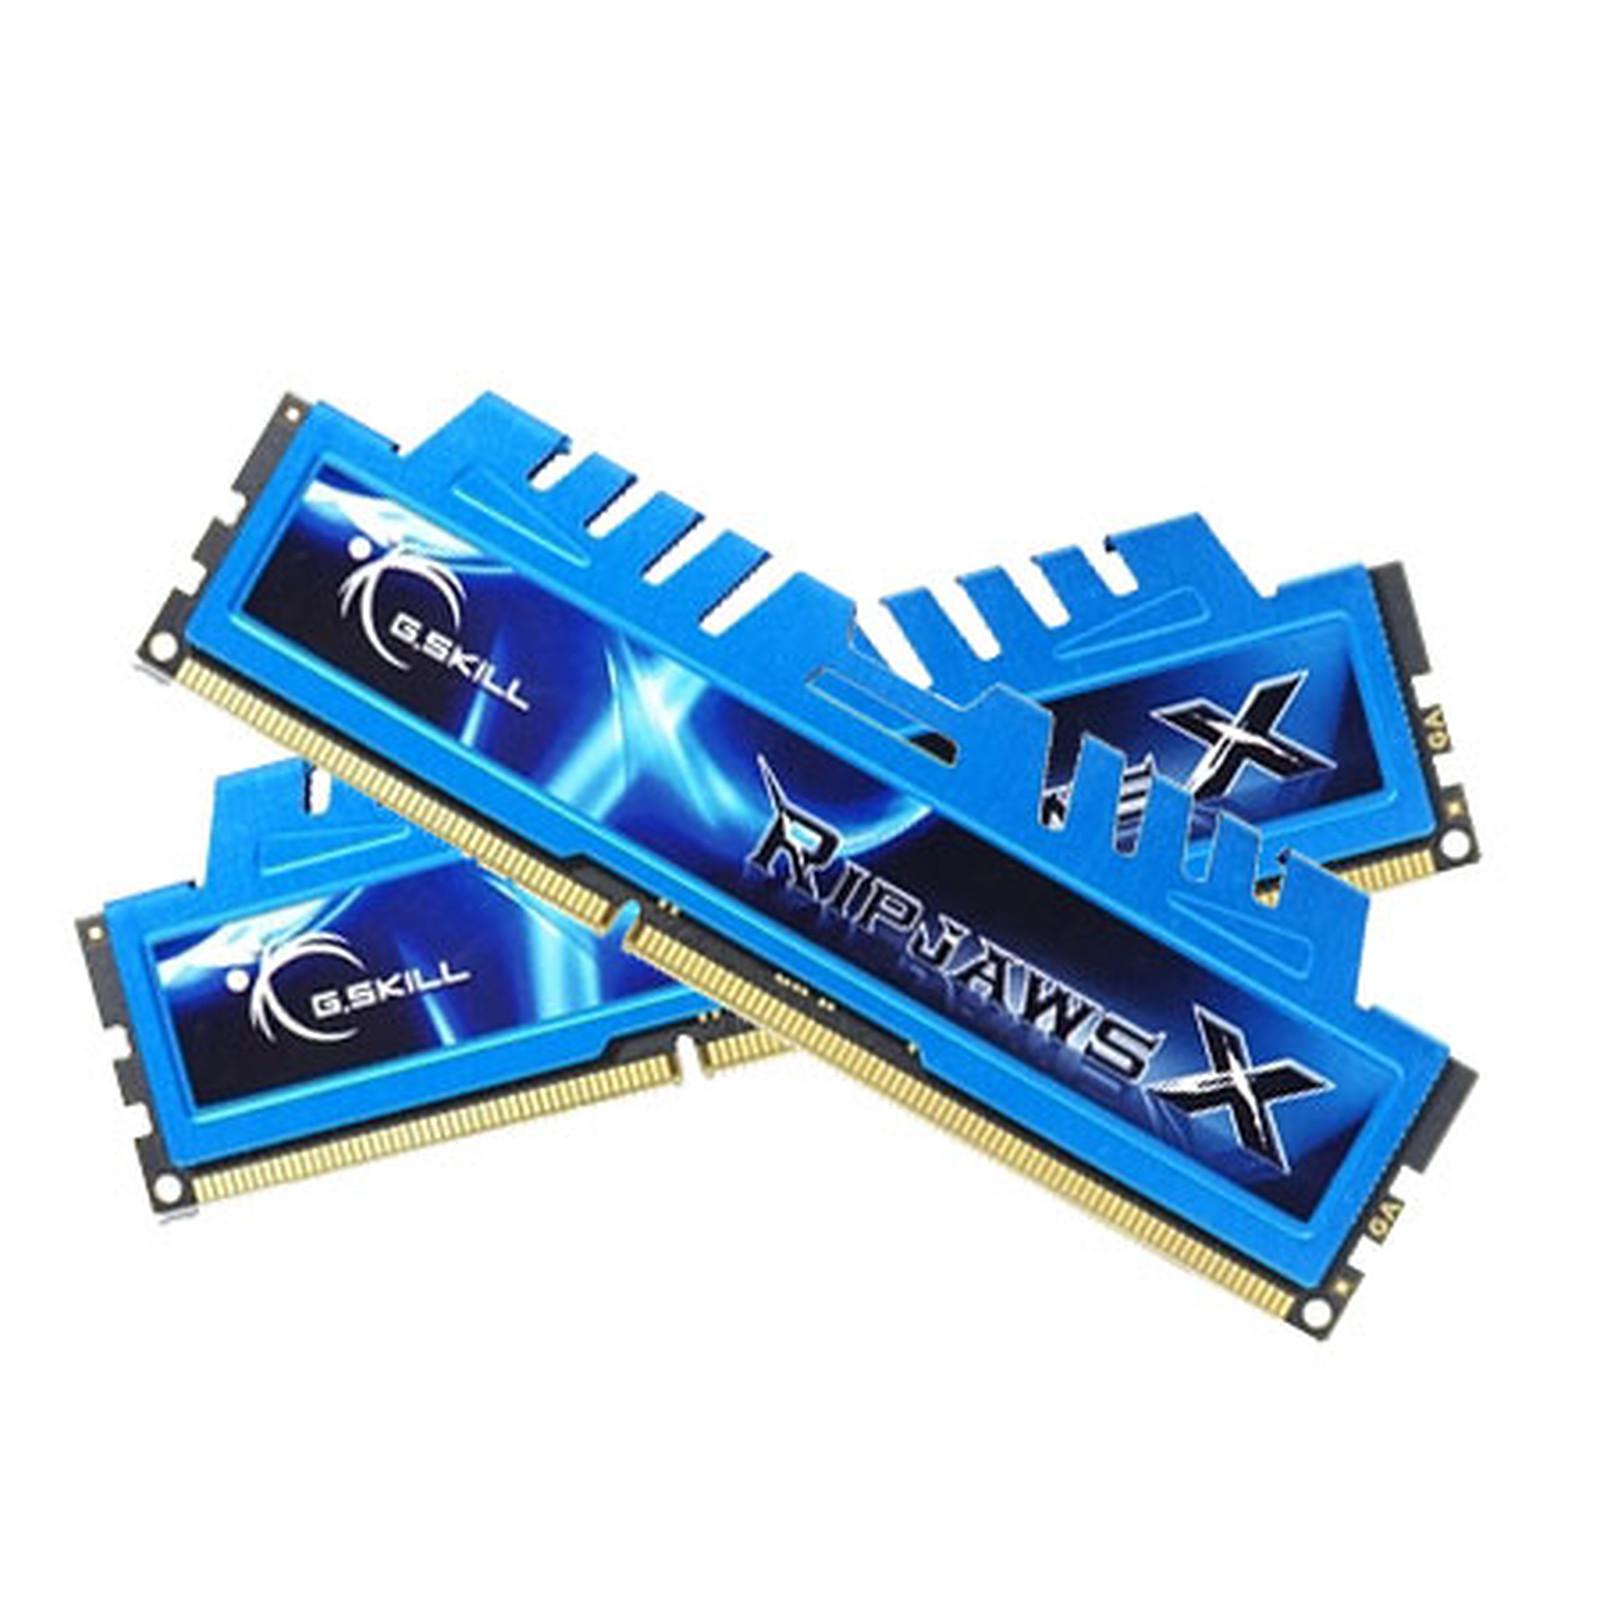 G.Skill RipJaws X Series 8 Go (2x 4 Go) DDR3L 1600 MHz CL9 DIMM 240 pins